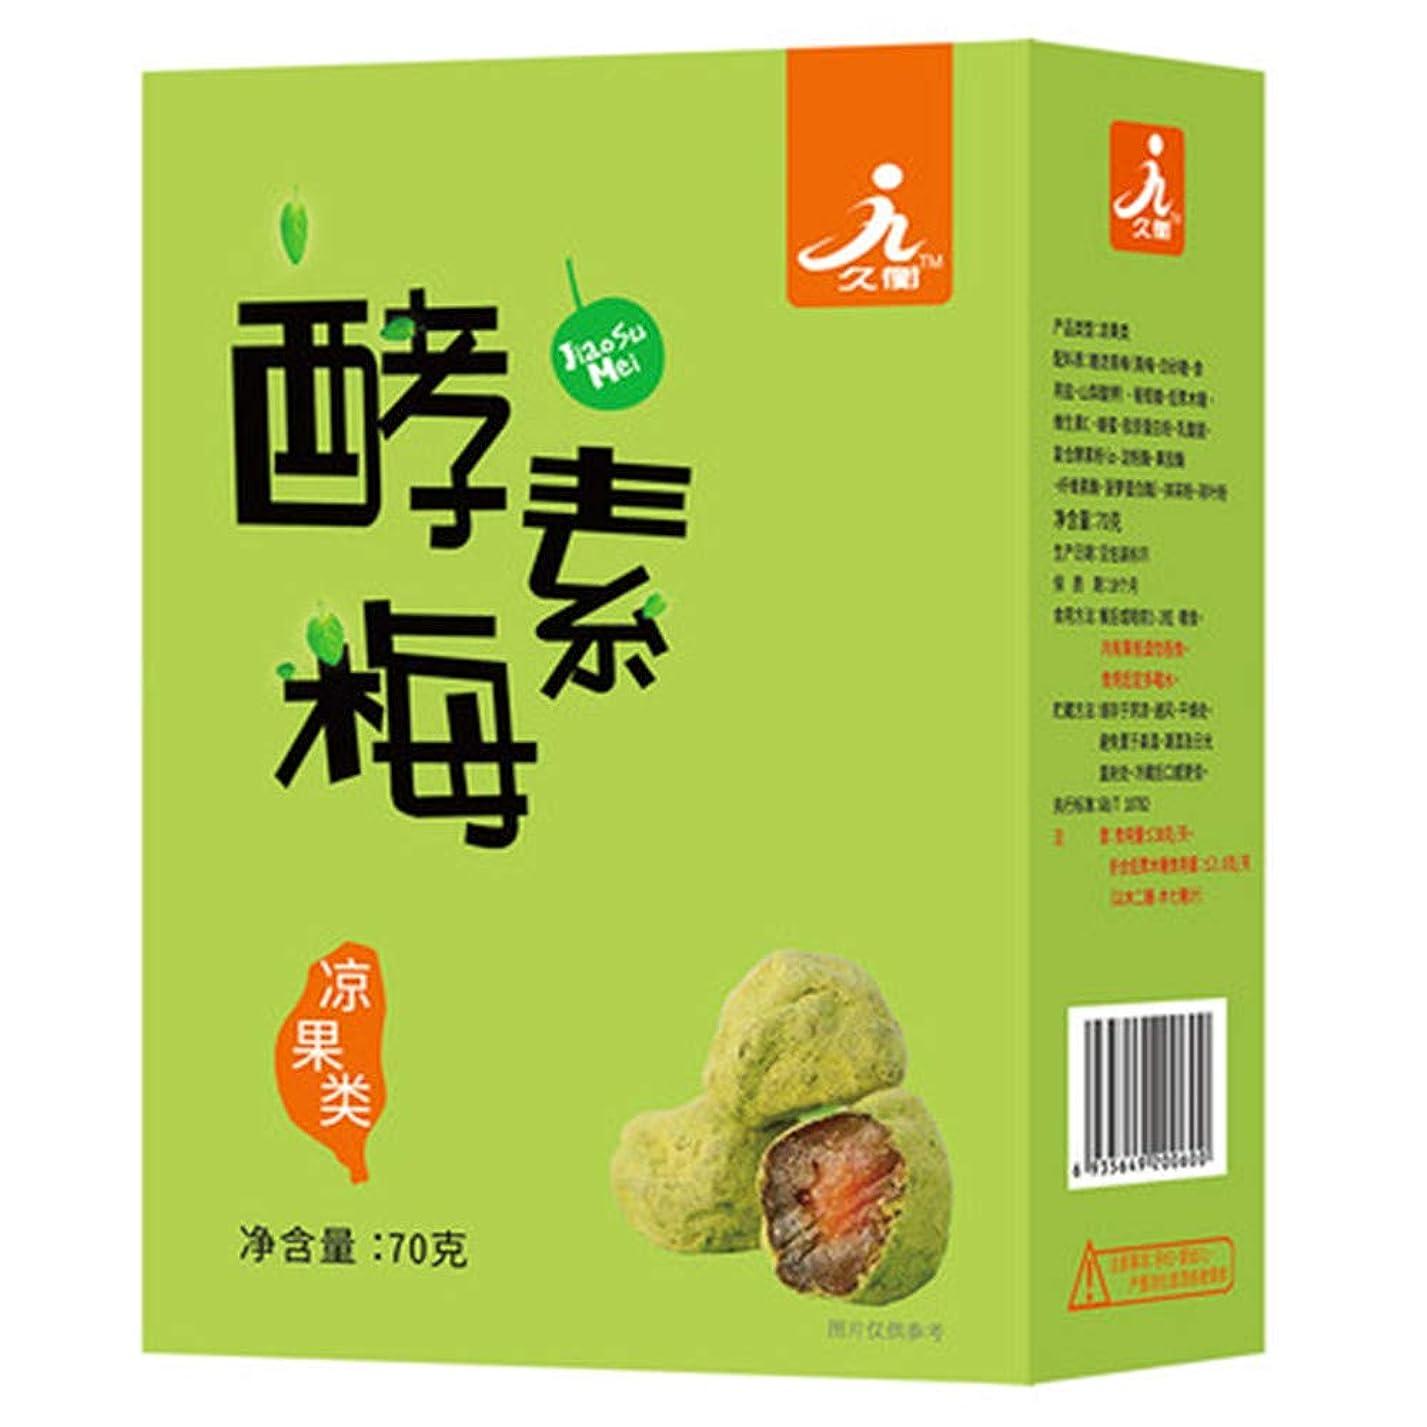 操縦するグリース低い酵素スナック抹茶プラム排便果実減量スナック1箱7